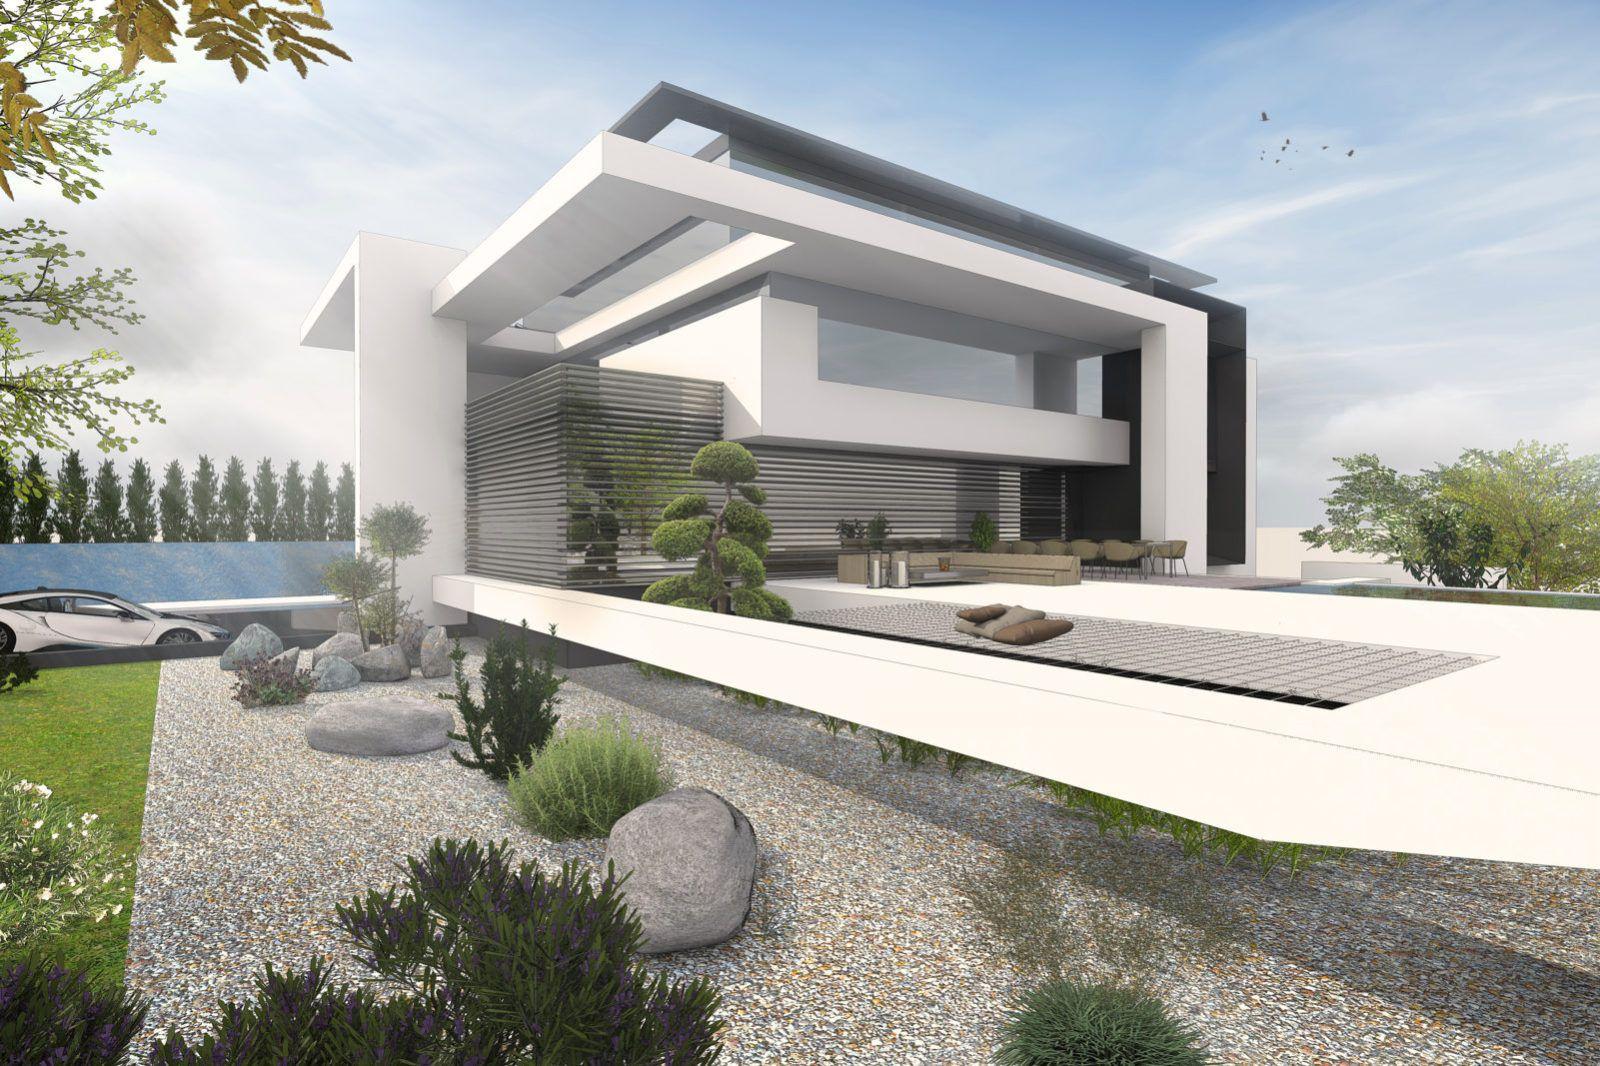 exklusive h user bauen moderne villen architektur in 2018 hoth pinterest architektur. Black Bedroom Furniture Sets. Home Design Ideas